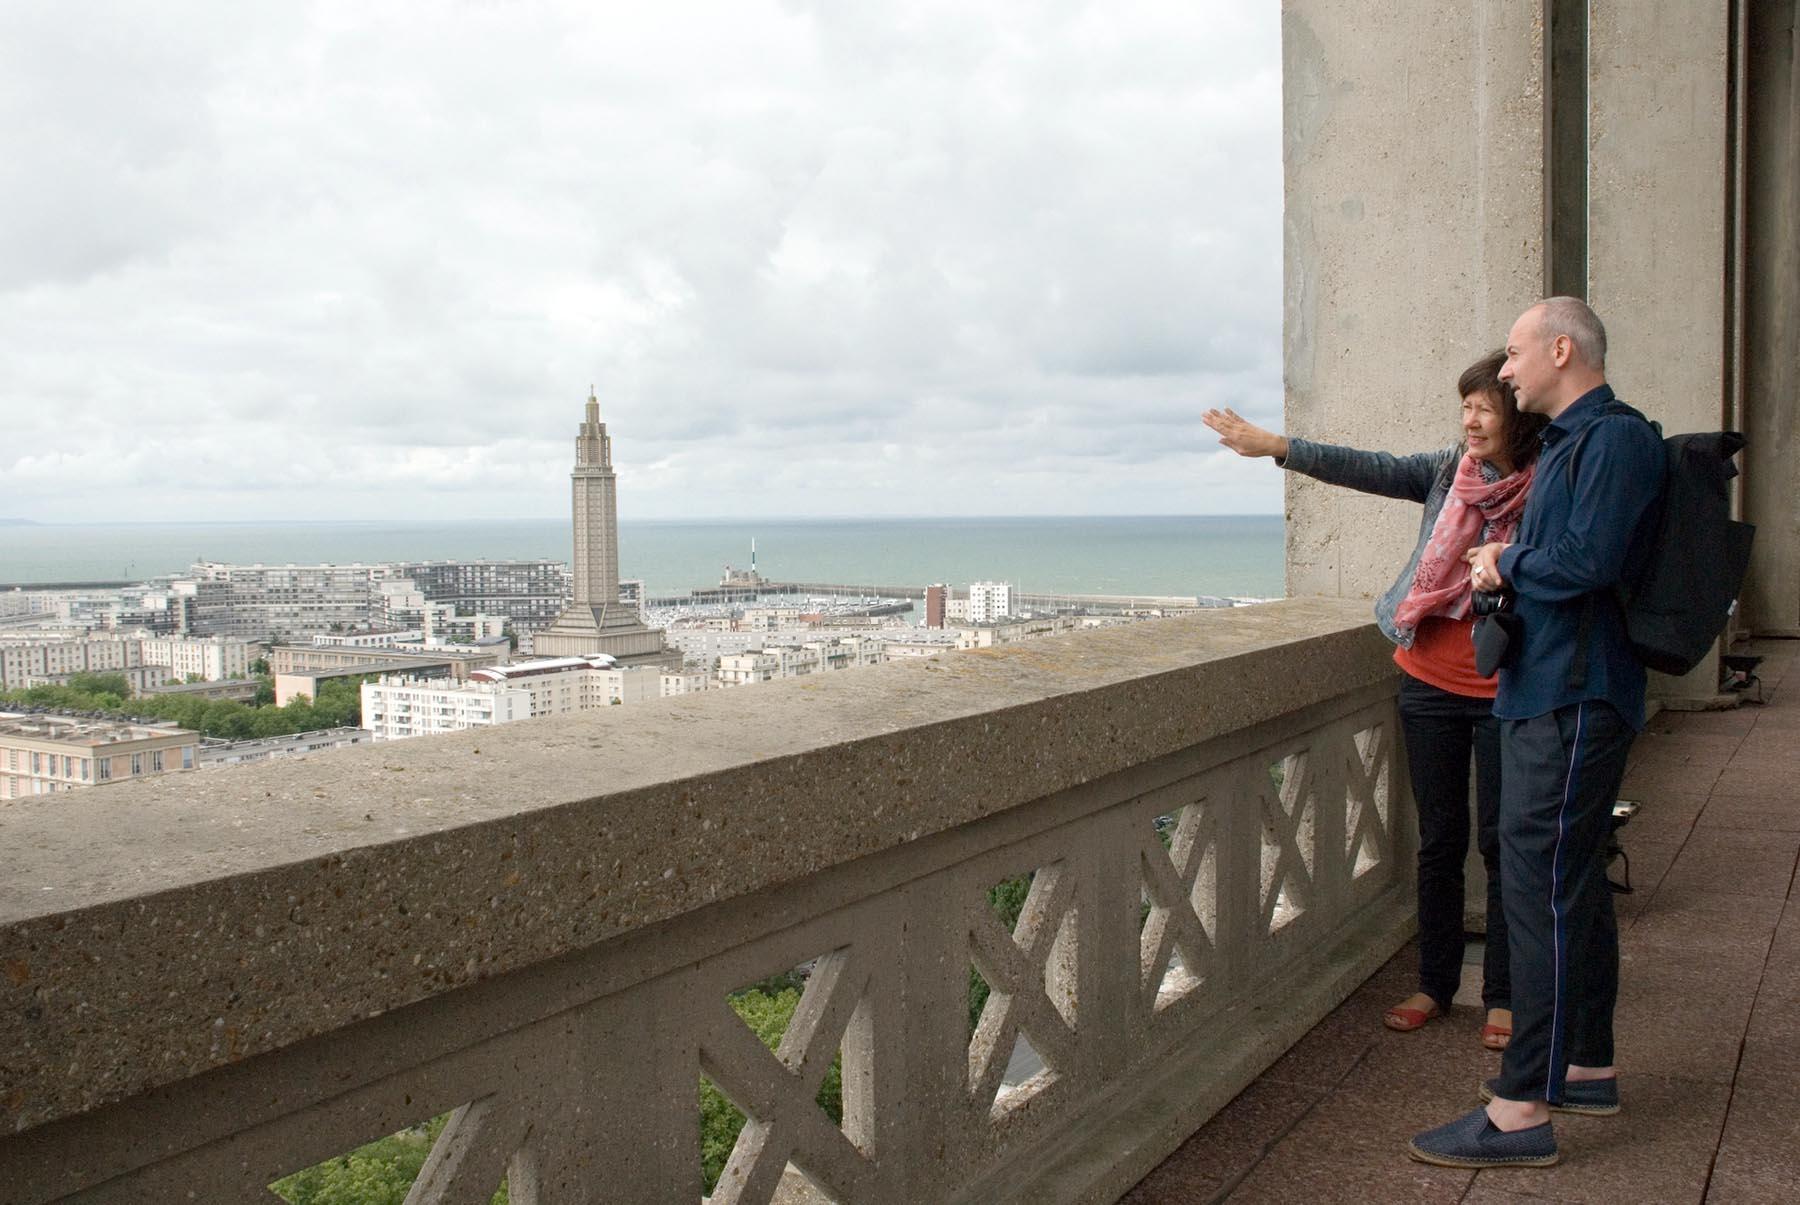 Das monumentale Dreieck. Der Architekt und THE LINK-Co-Gründer Hendrik Bohle auf dem Dach des Rathausturms zusammen mit der kundigen Begleiterin und Le Havre-Expertin Séverine Gourgeau.